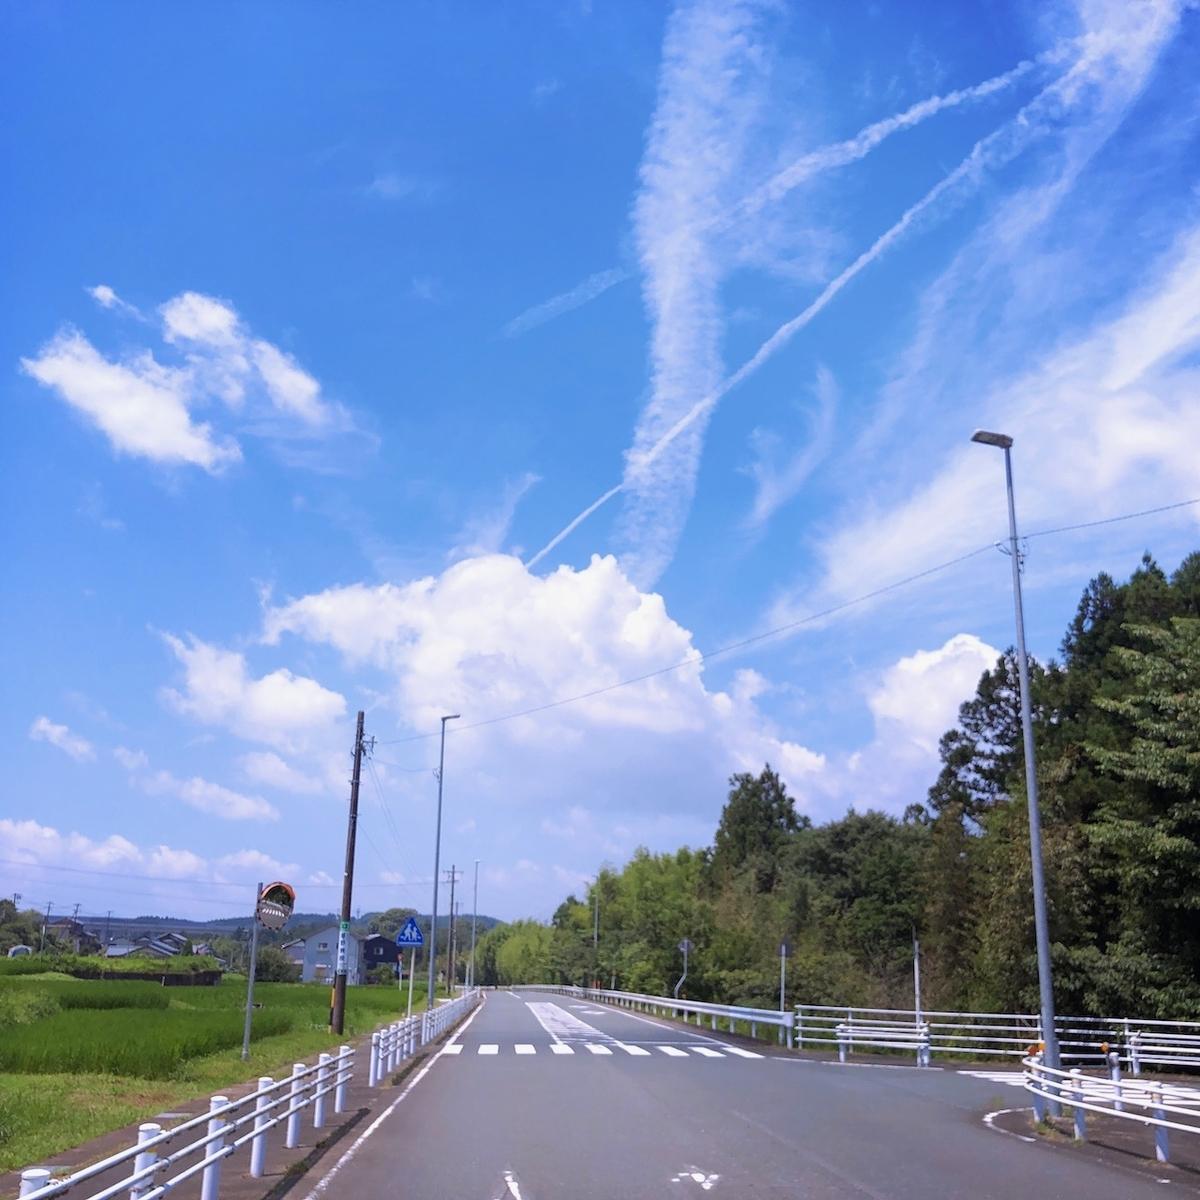 f:id:mick_kamihara:20200731105142j:plain